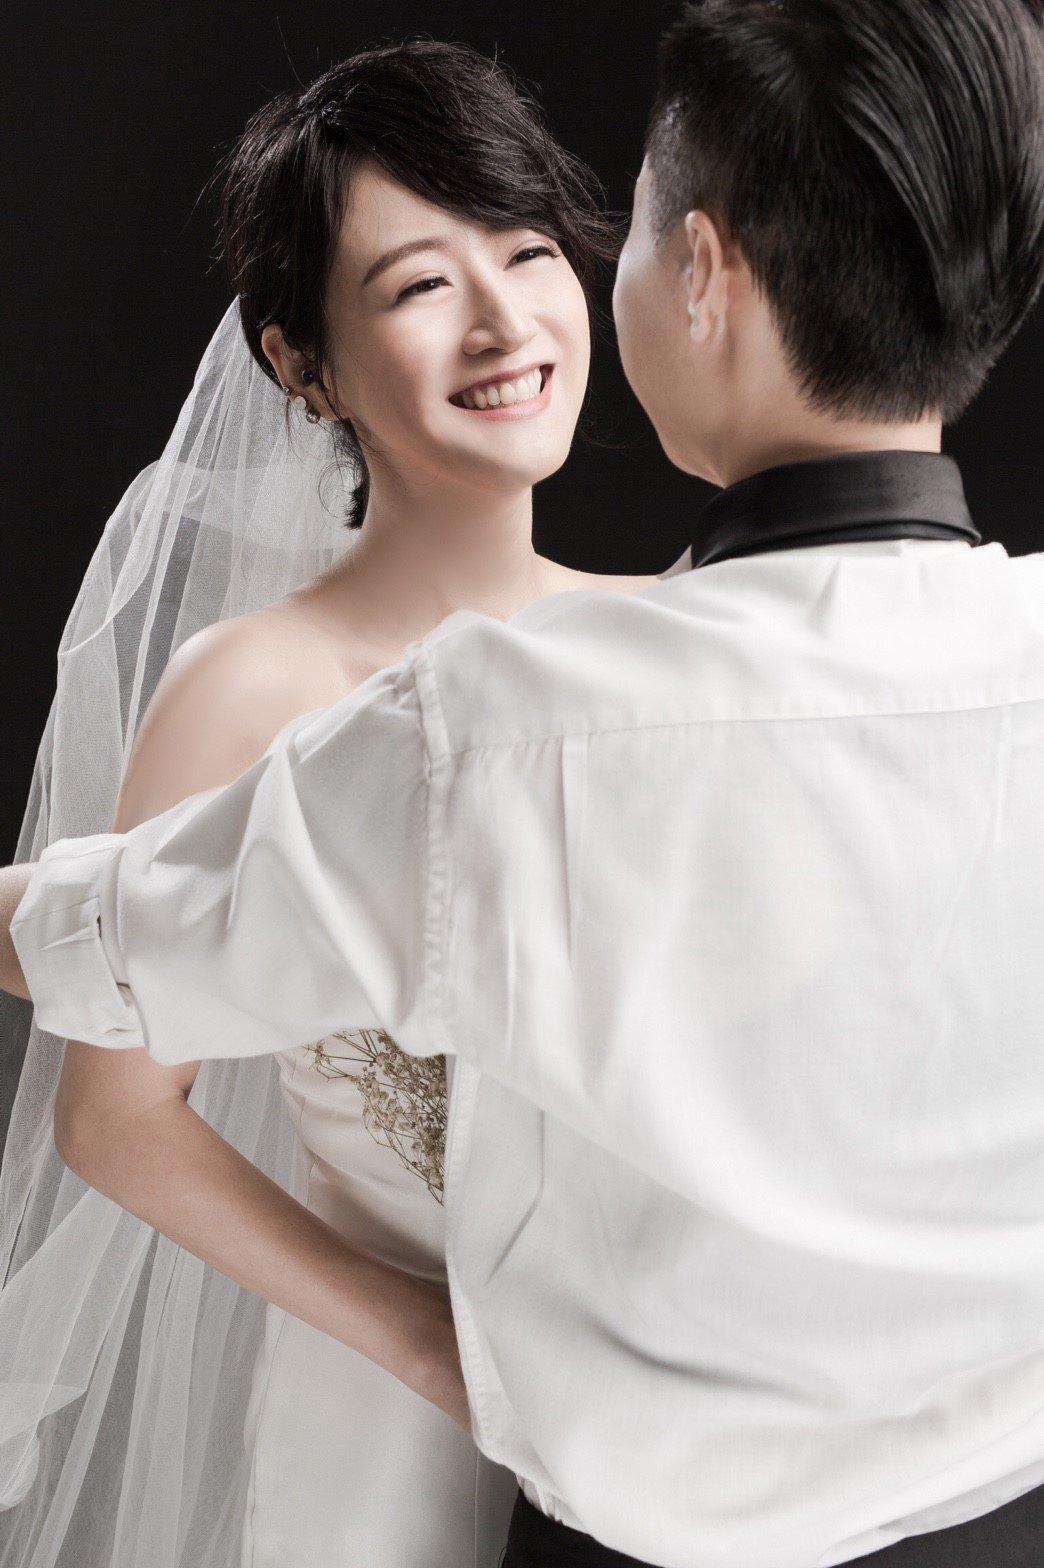 國軍首次舉辦同性婚禮,濱小步最怕的不是要相吻九十九秒,而是婚後的「幸福肥」來不及...